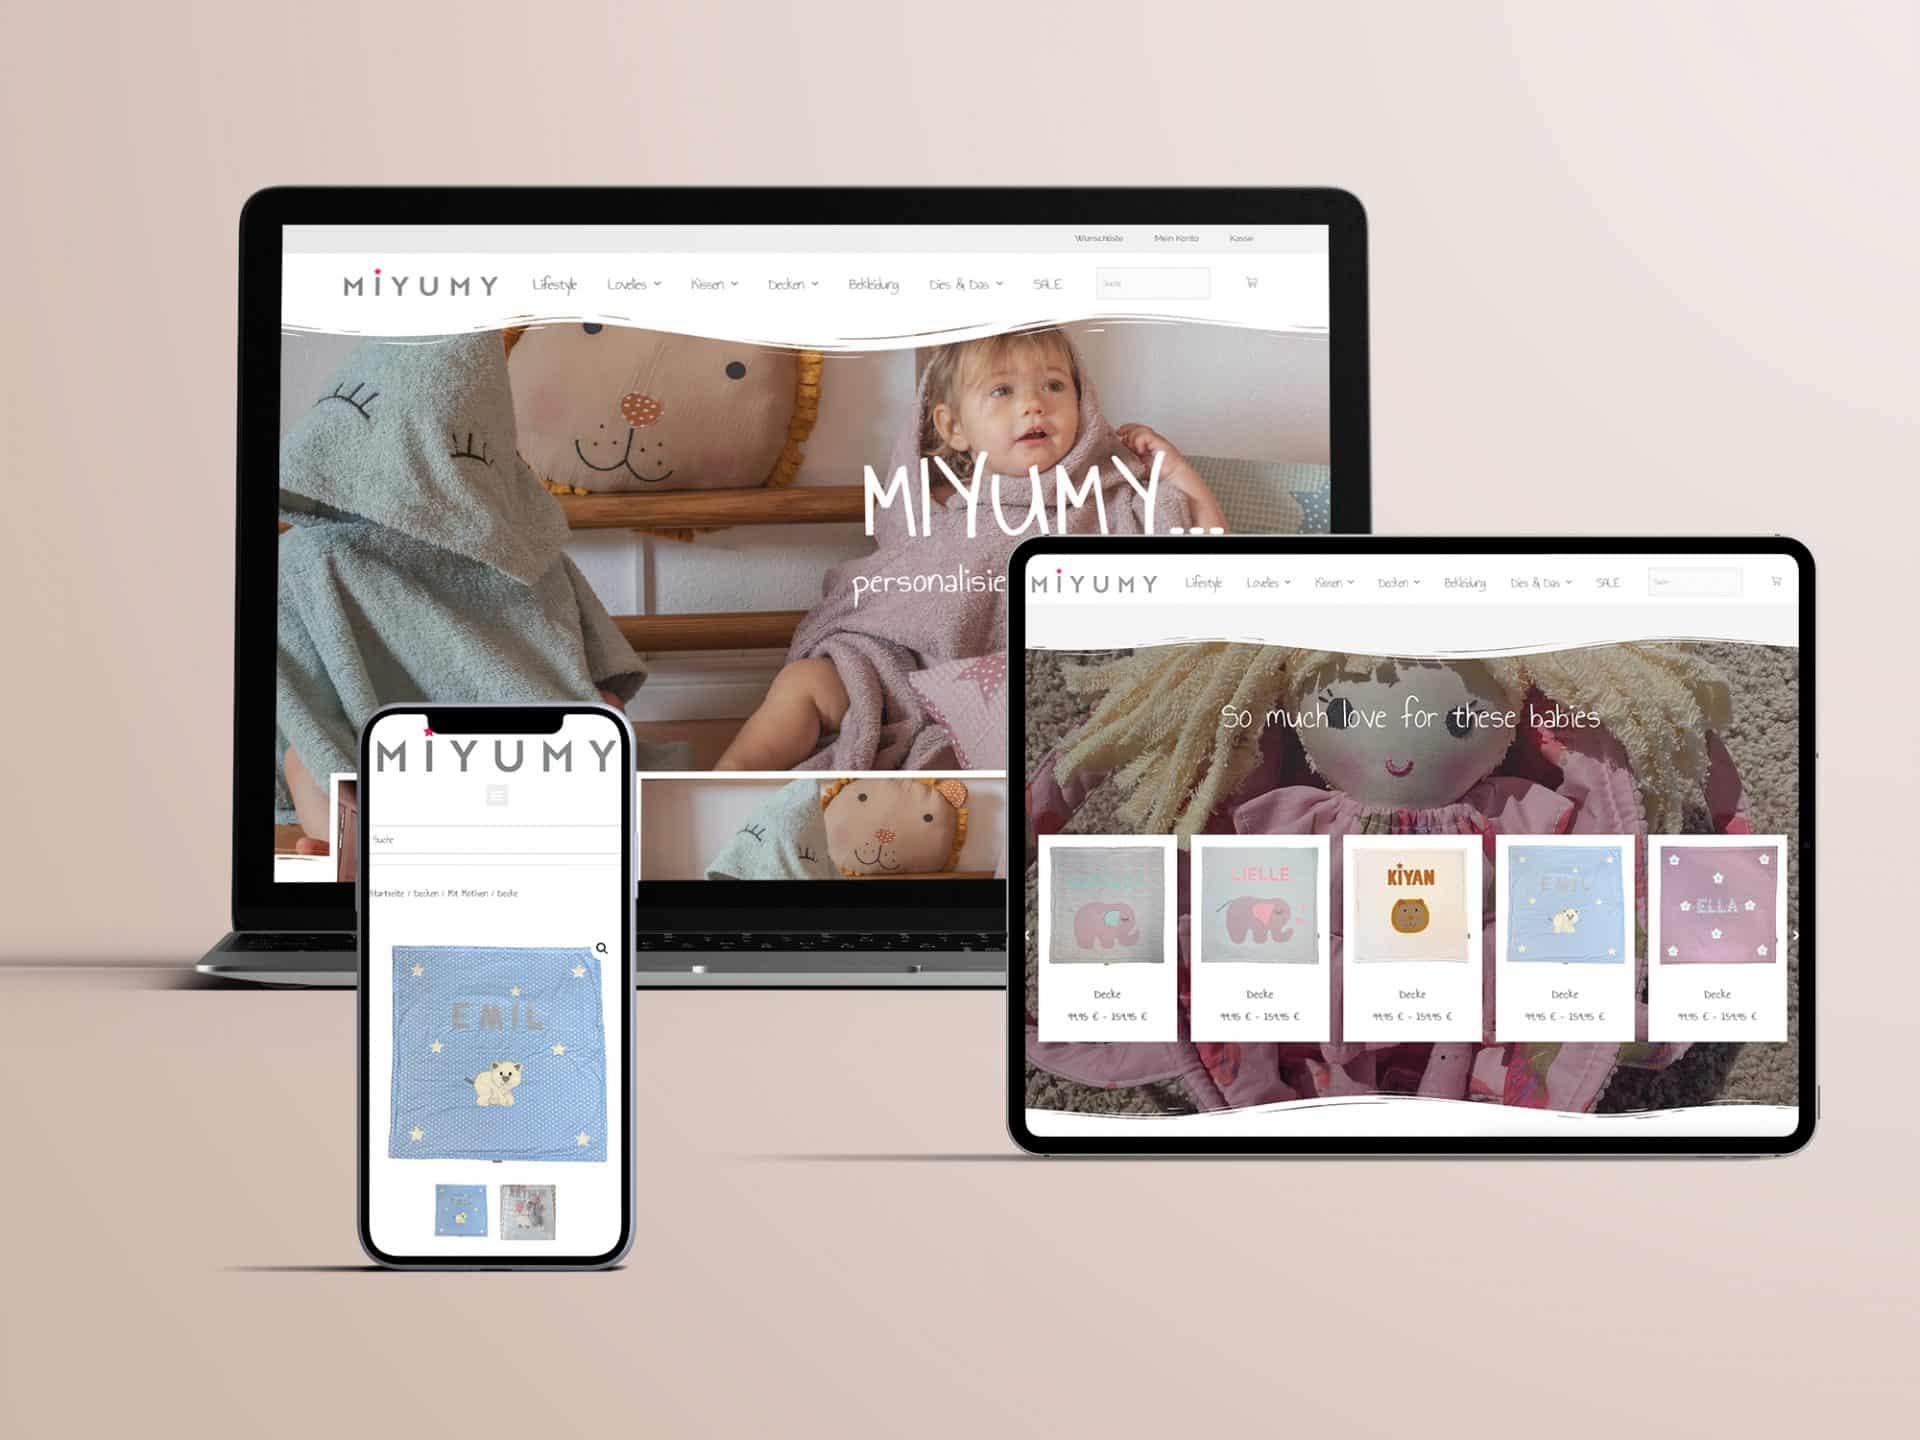 Miyumy - Webshop - Onlineshop